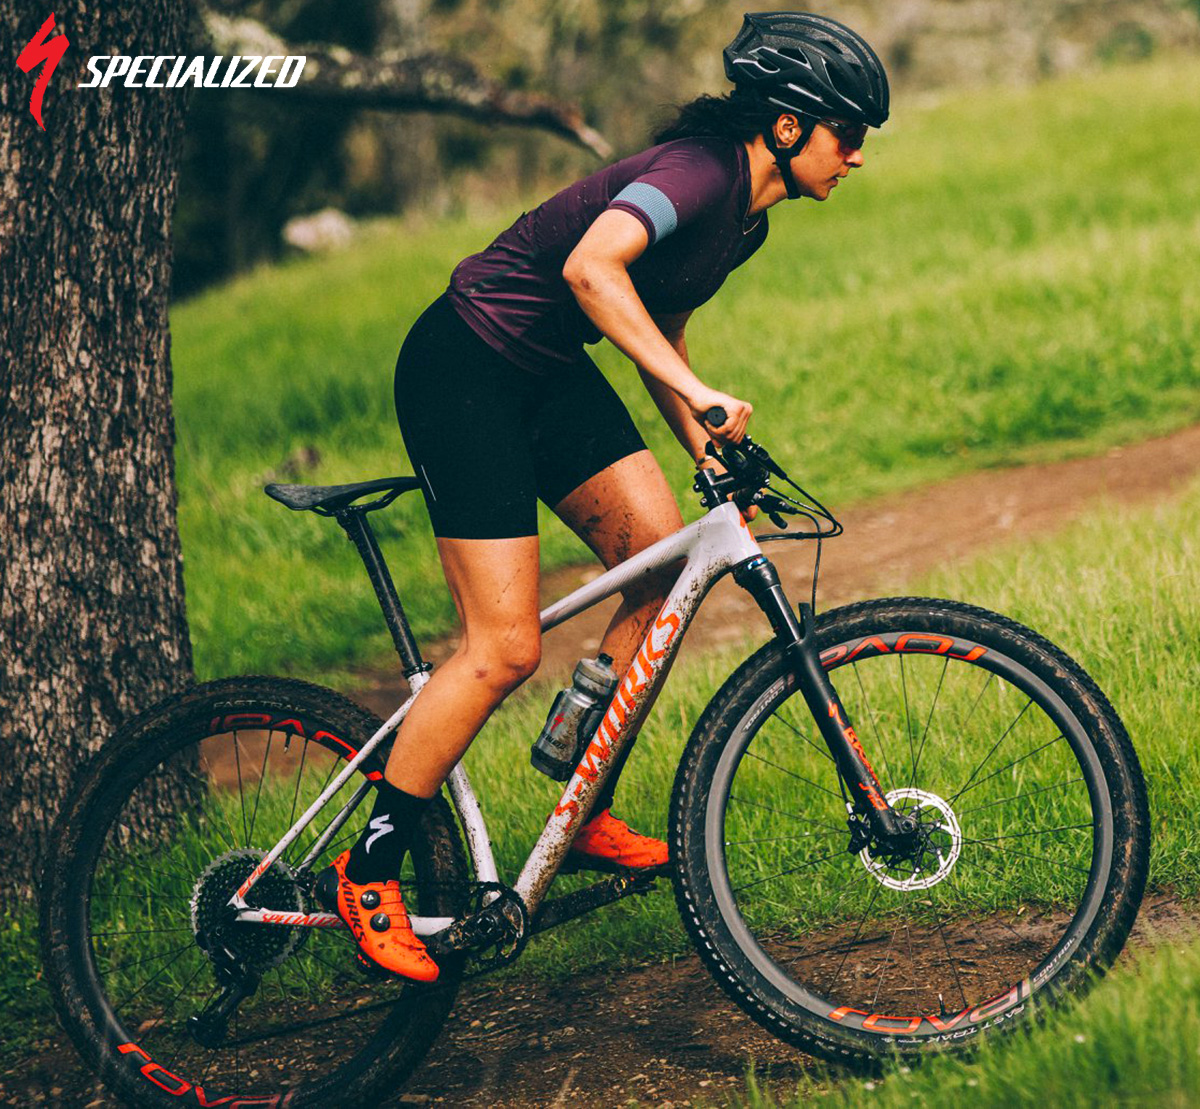 la bicicletta mtb specialized epic hardtail in azione